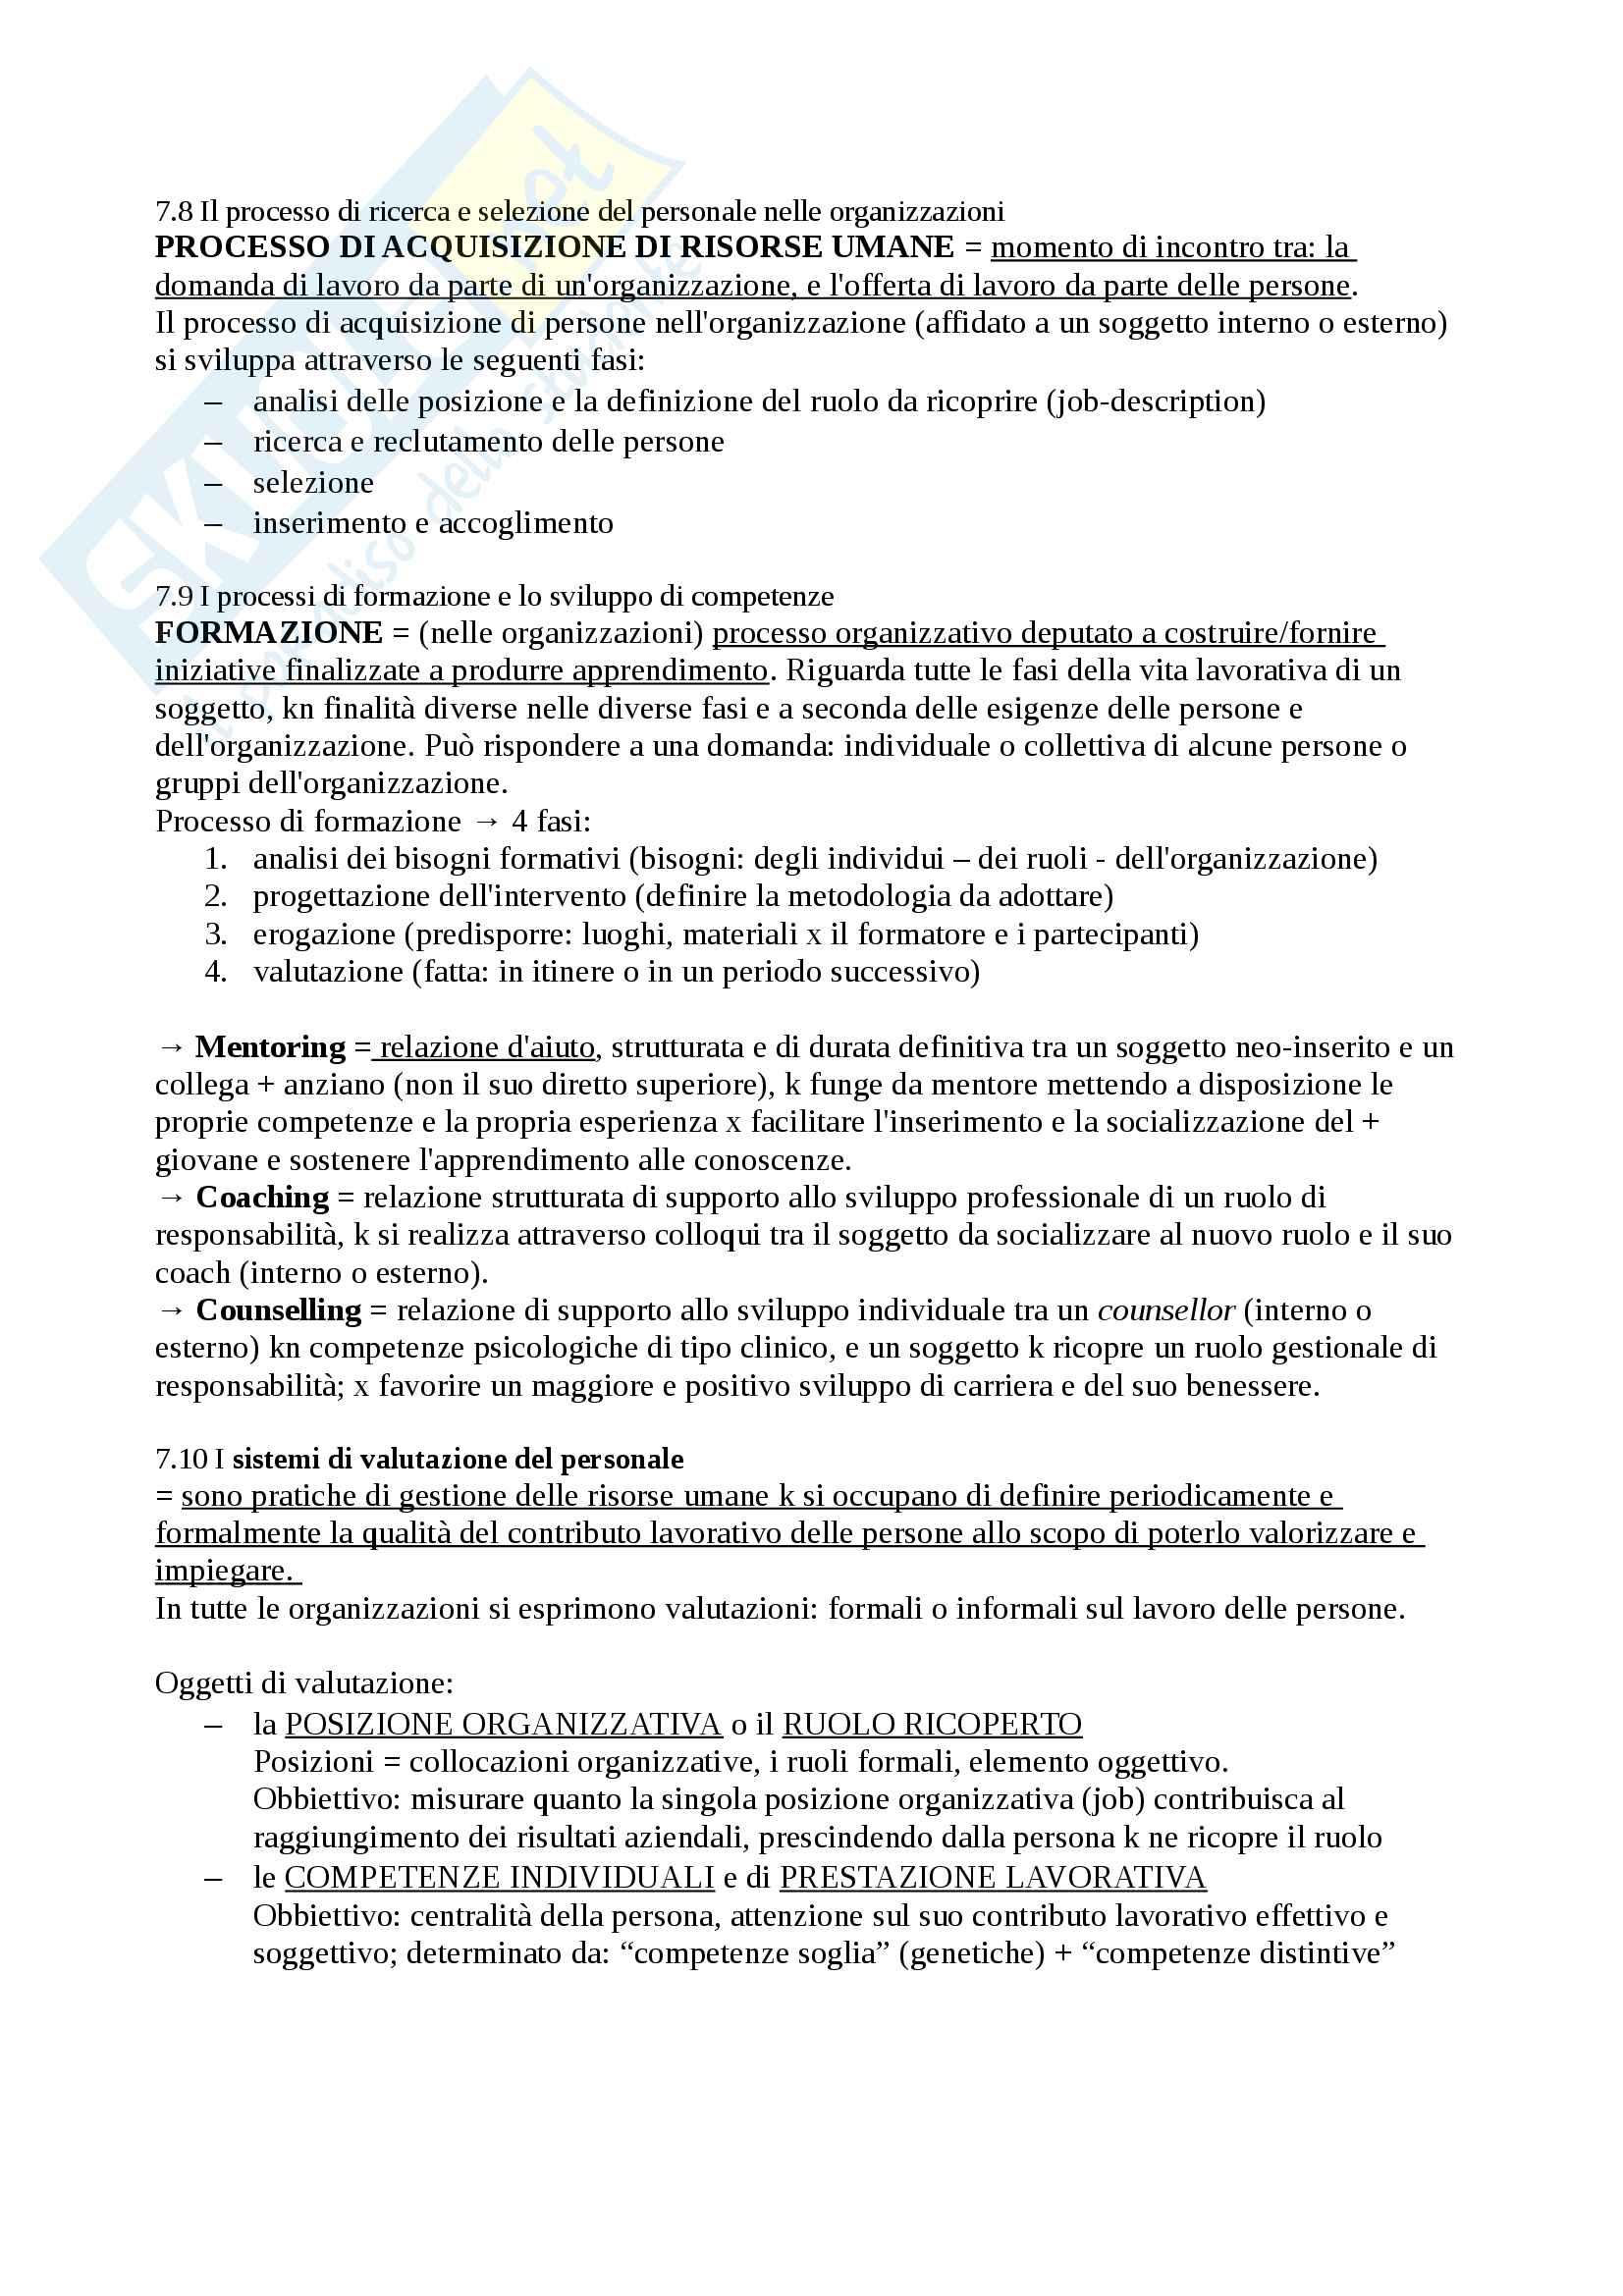 Riassunto esame economia, prof. Giacomo Magnani. Libro consigliato Economia e organizzazione aziendale, Autore Fabio Antoldi Pag. 21